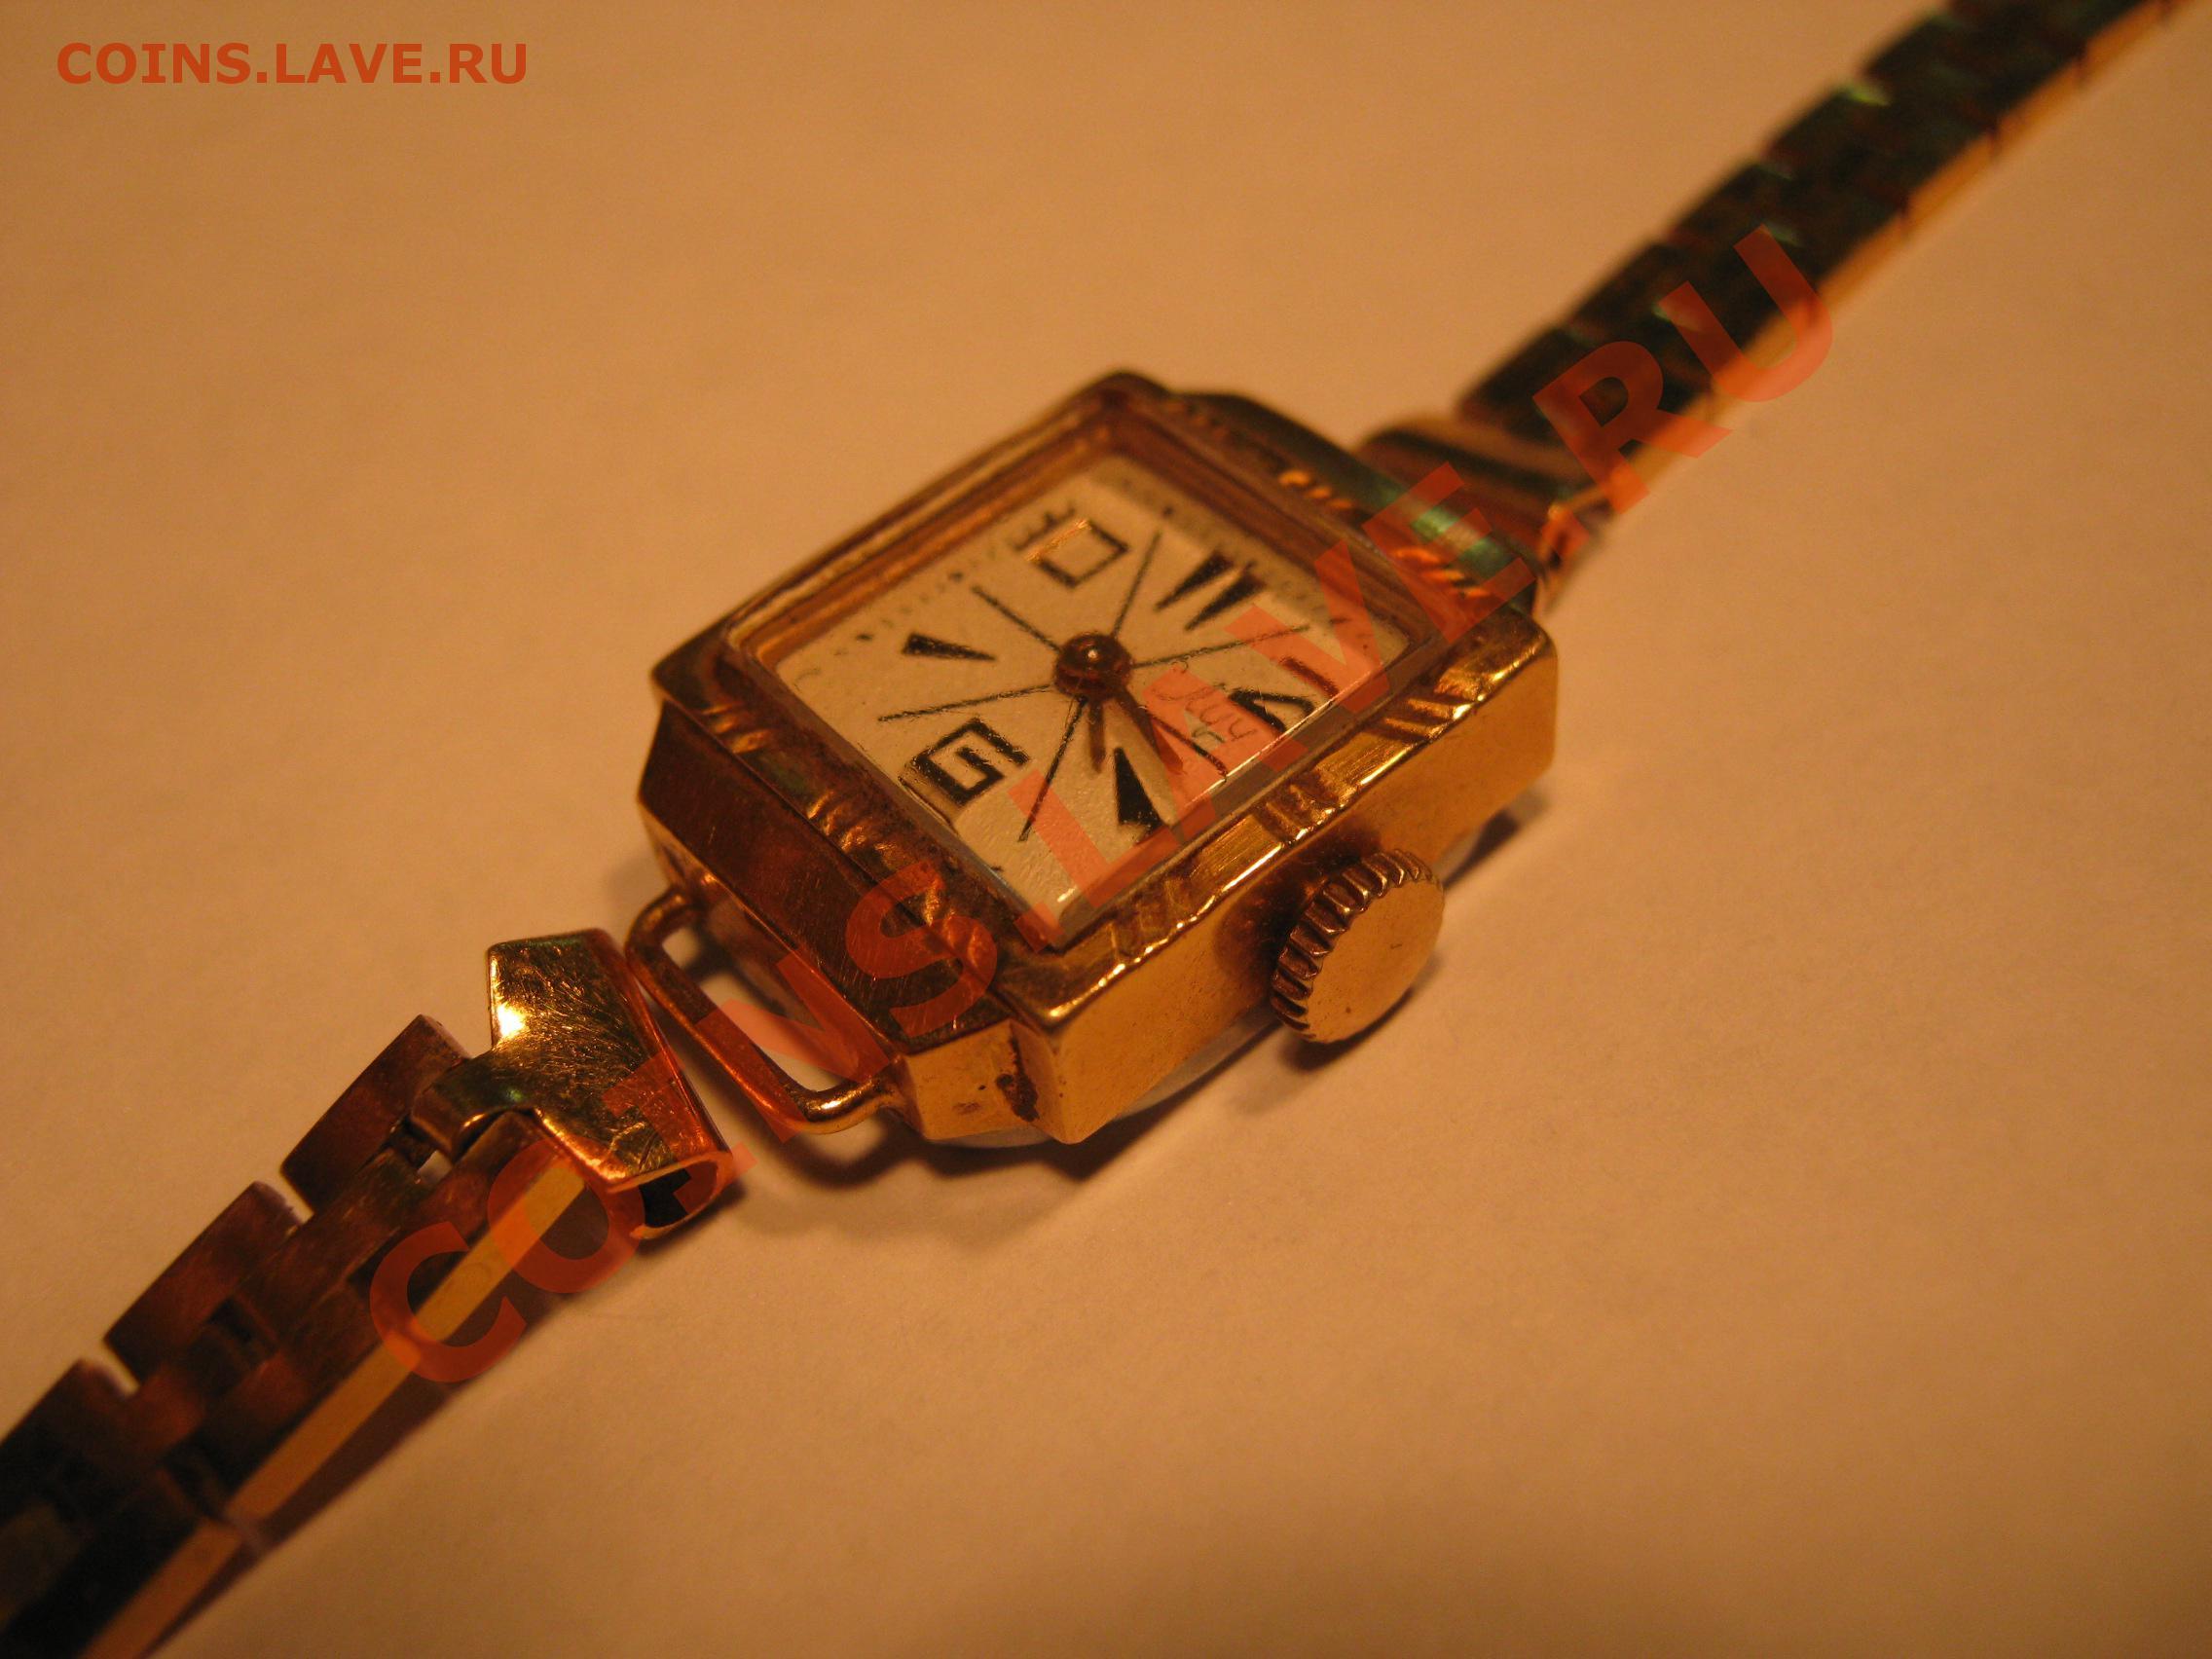 Часы луч женские золотые продам оригинал стоимость витон часов луи